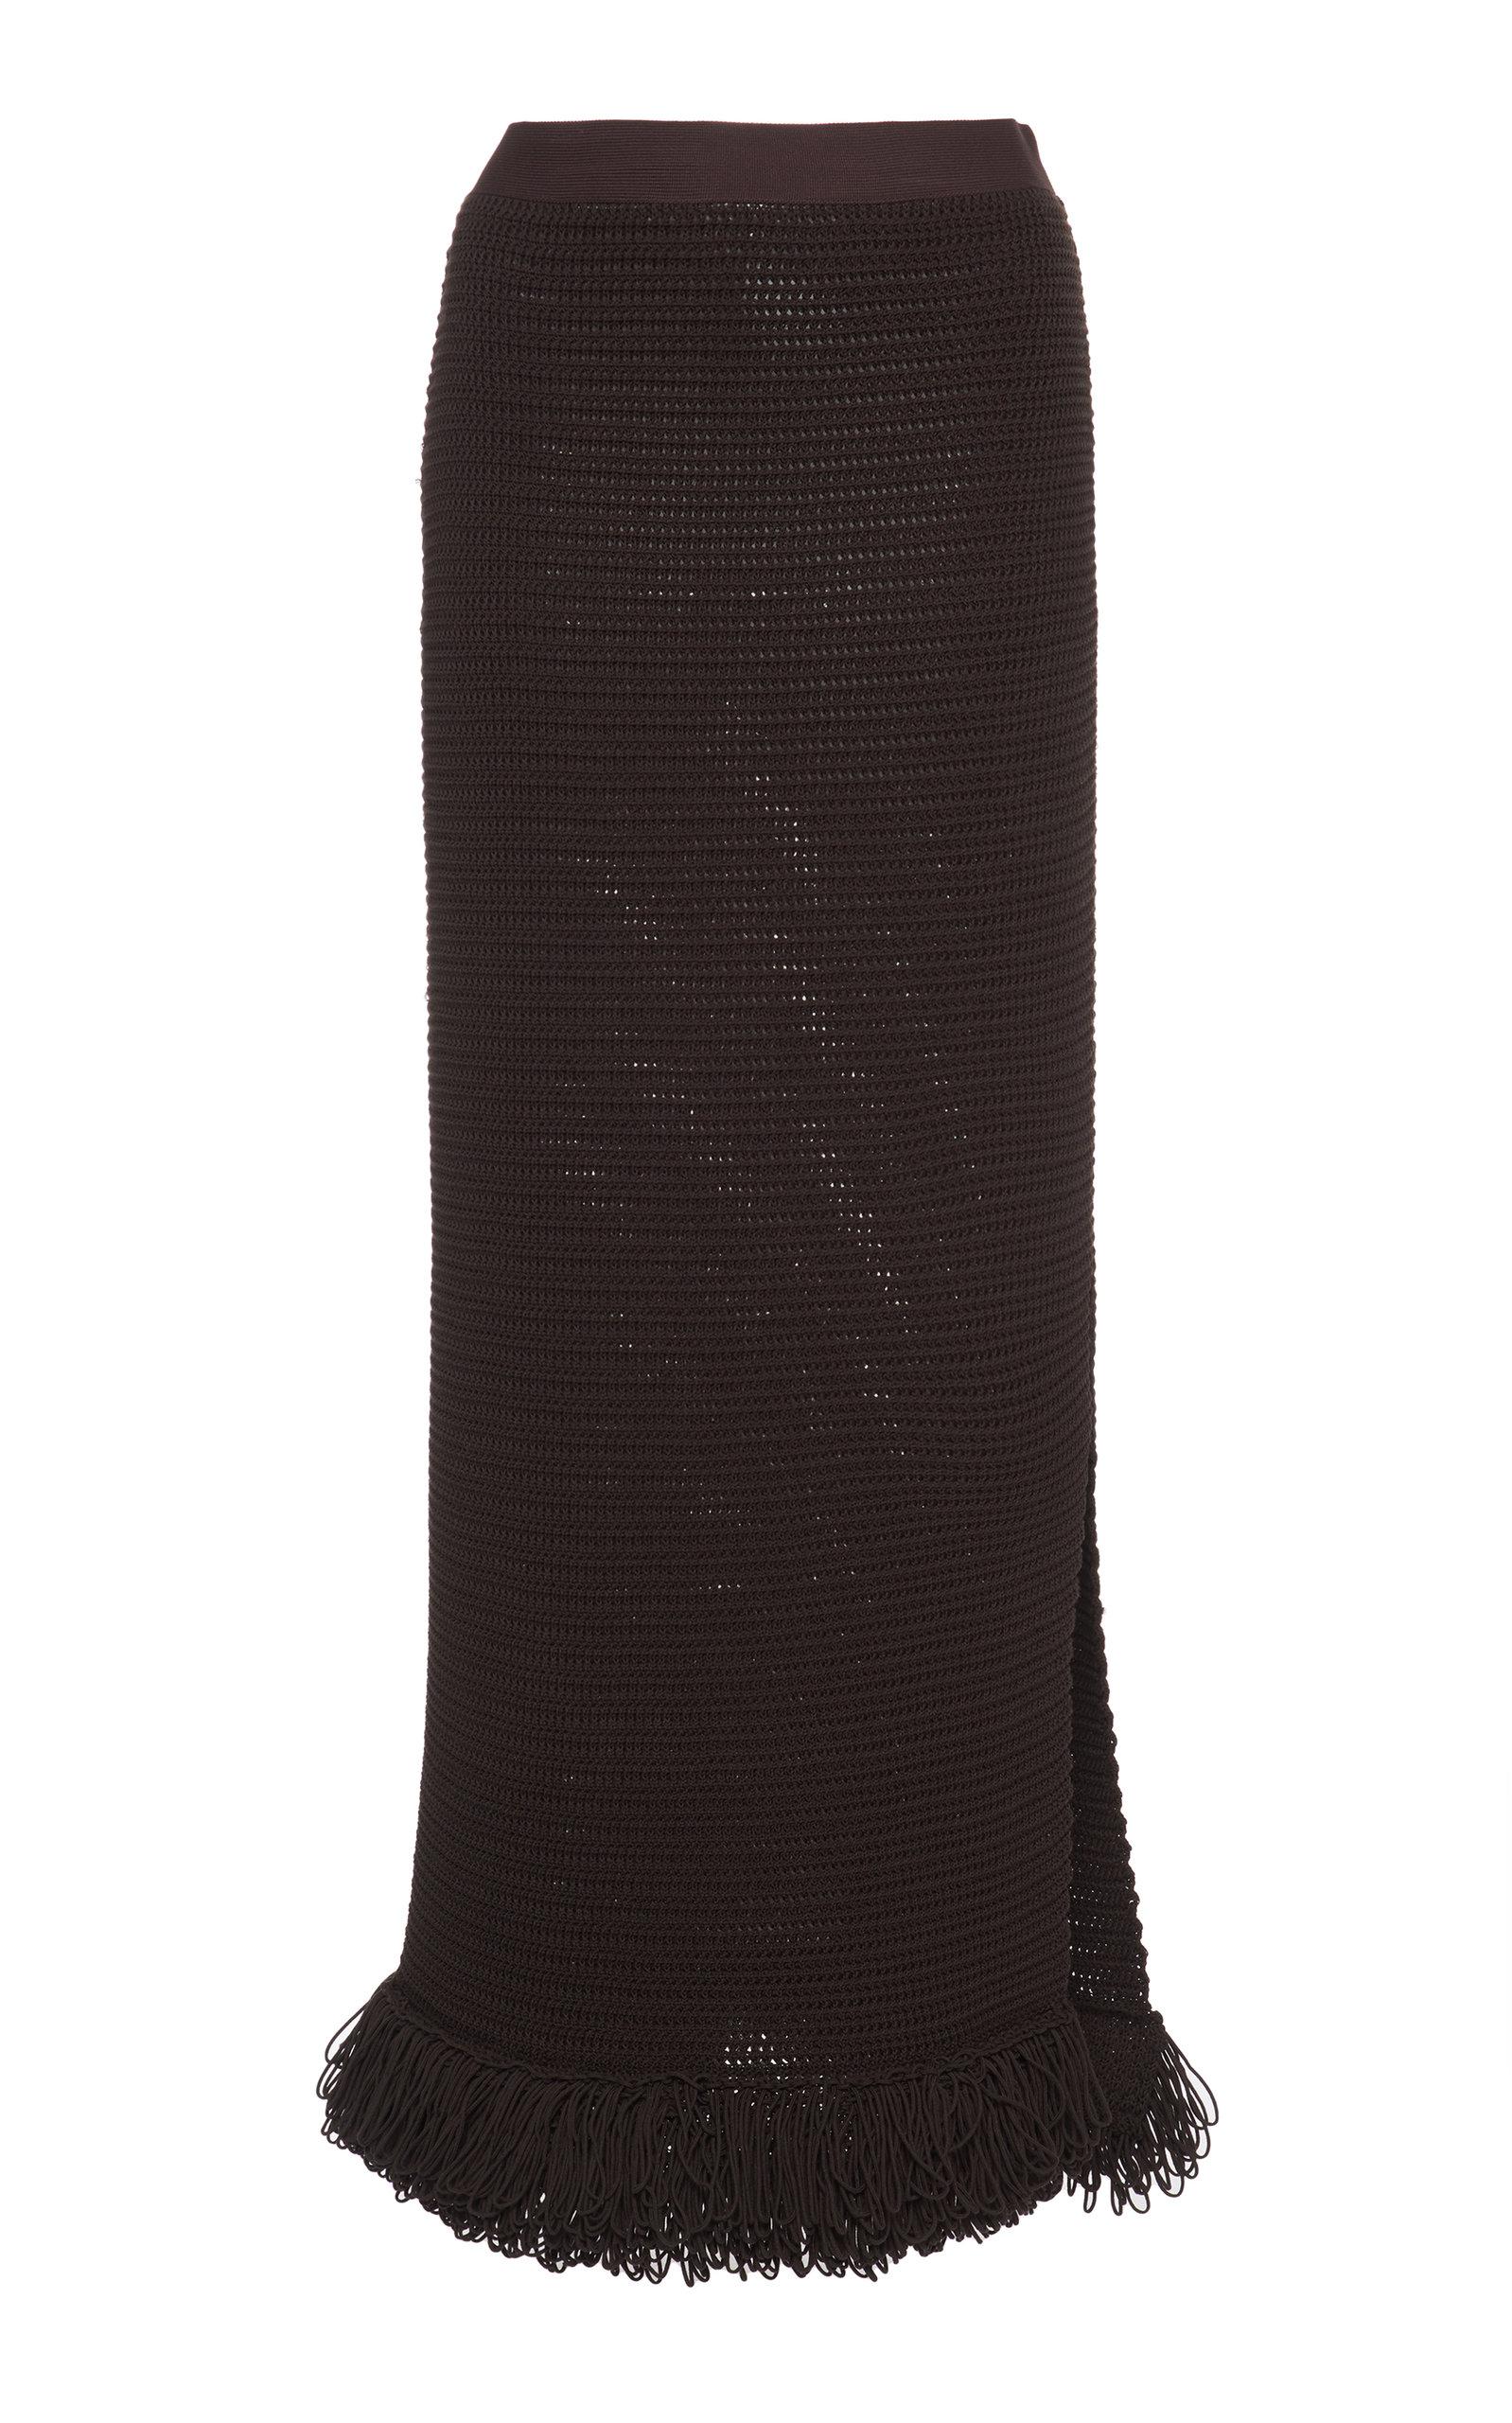 Bottega Veneta – Women's Fringed Cotton-Blend Knit Midi Skirt – Brown – Moda Operandi